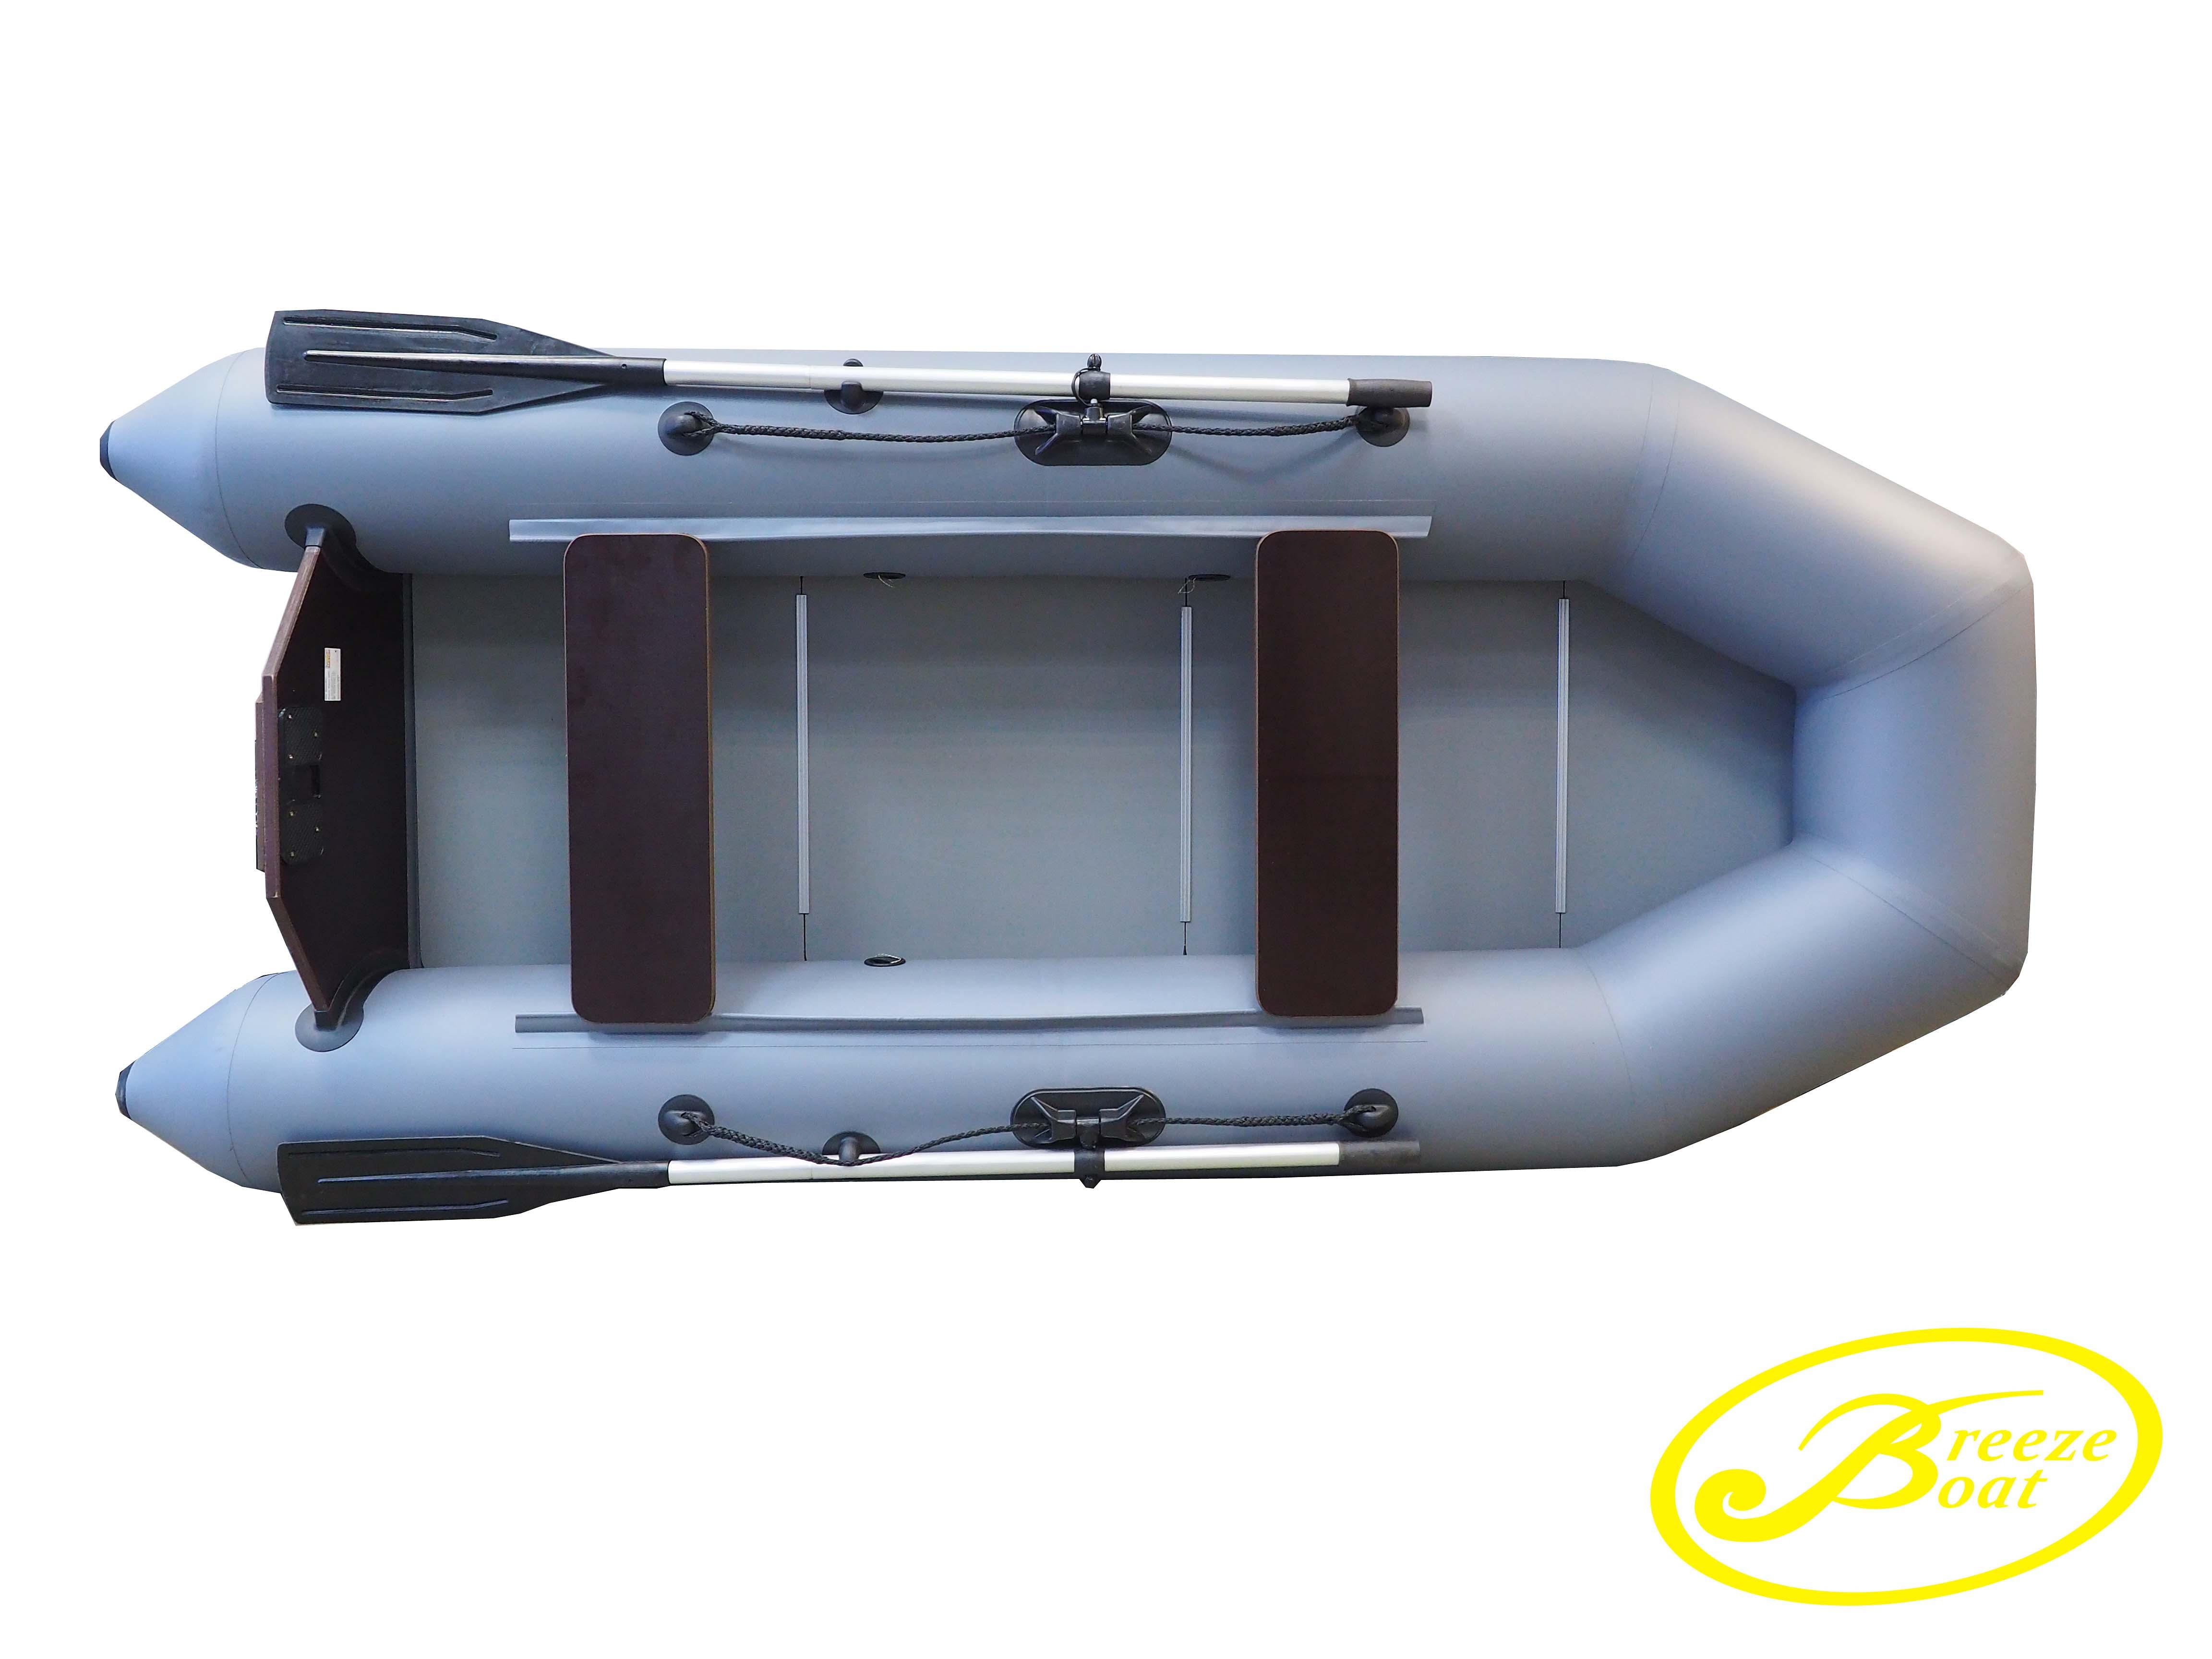 купить надувную лодку ветер 280